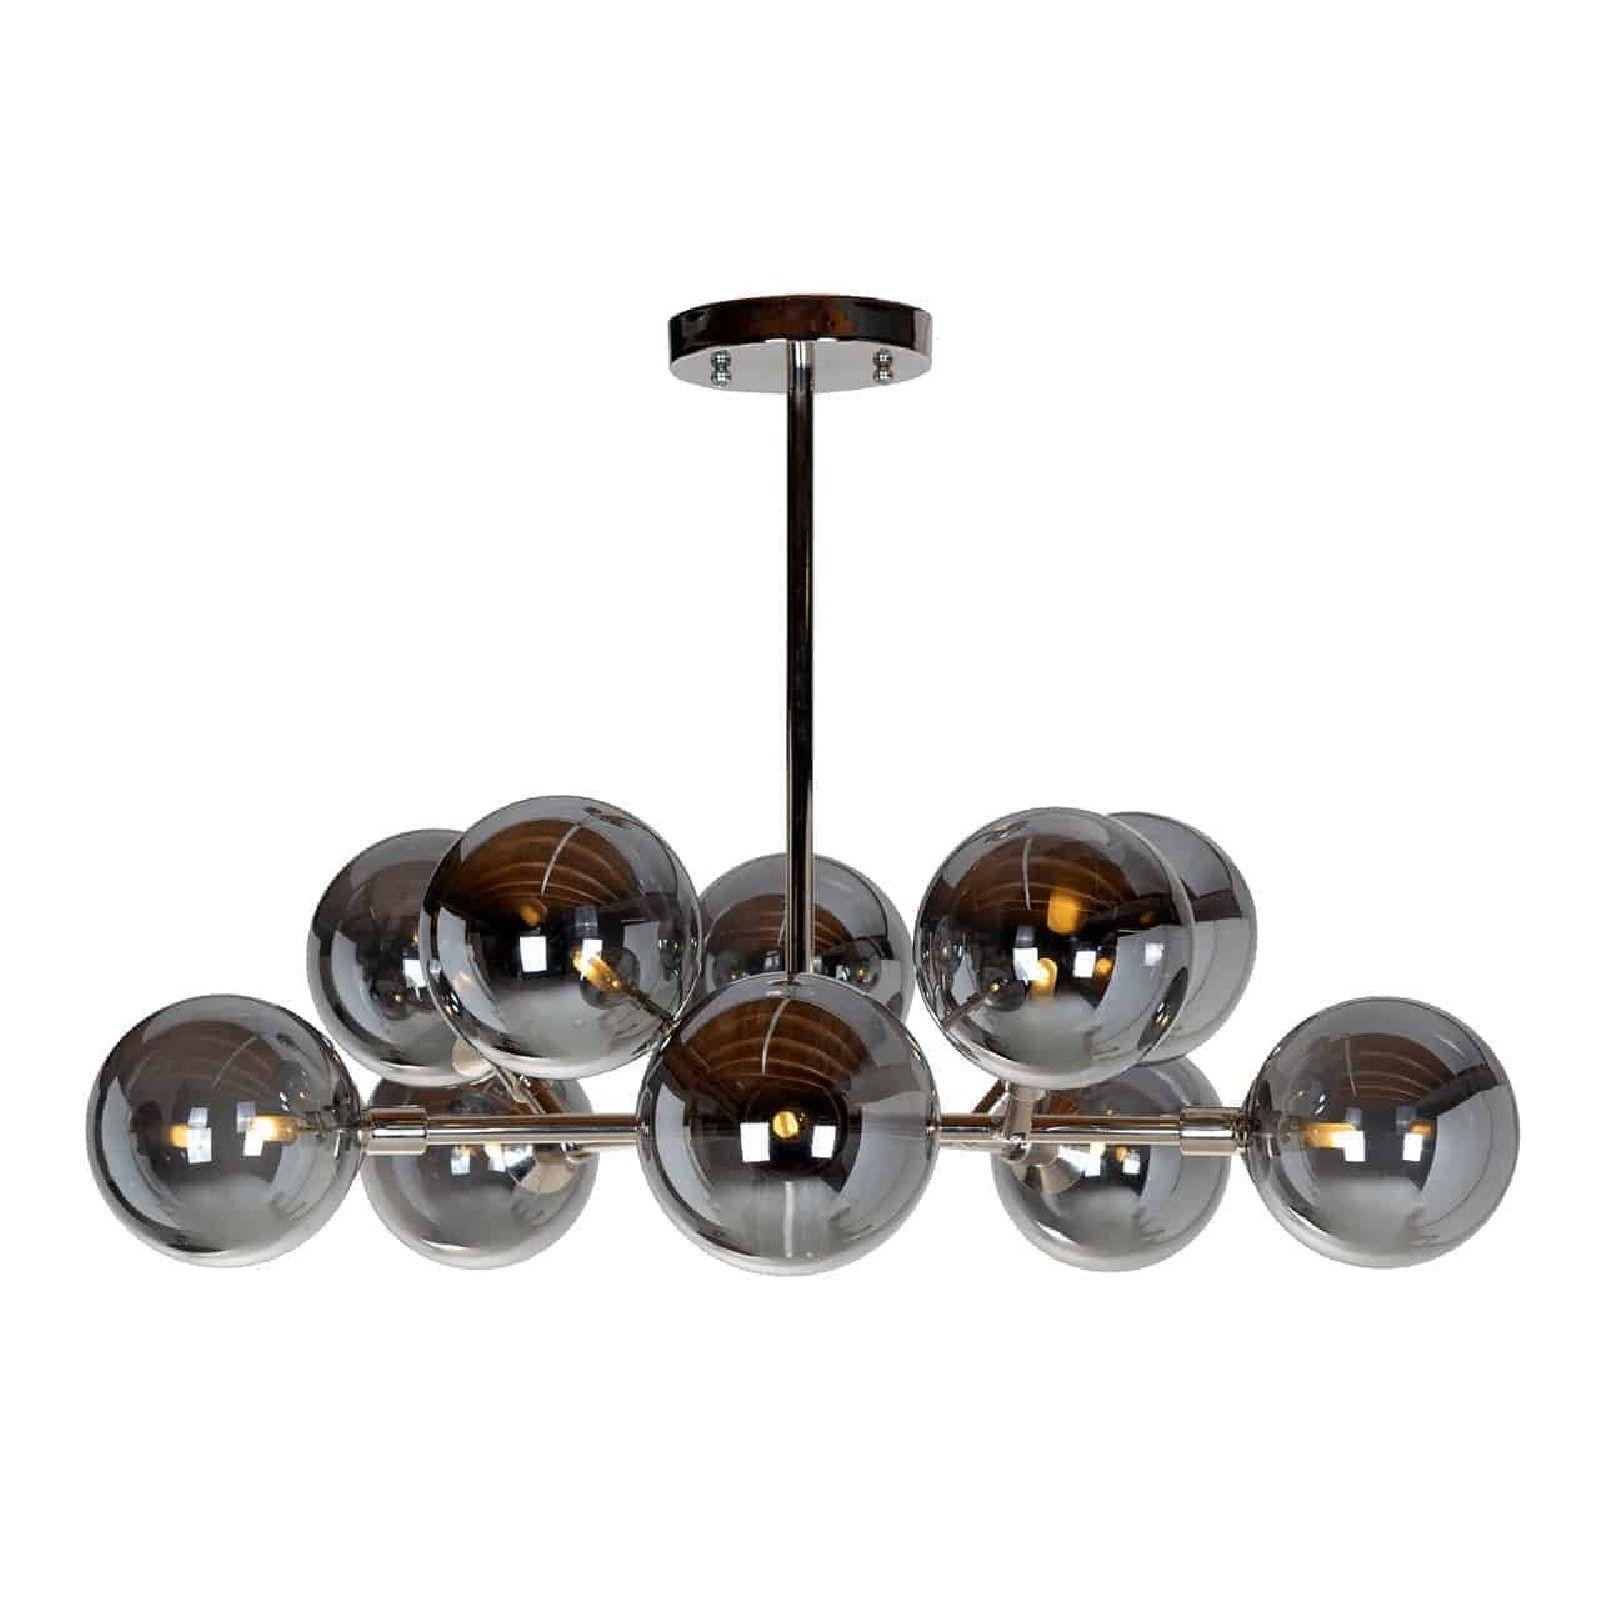 Lampe suspendue Riley (G9 raccord)G9 (max 1,9 largeur / 10 pieces) Suspensions et plafonniers - 8